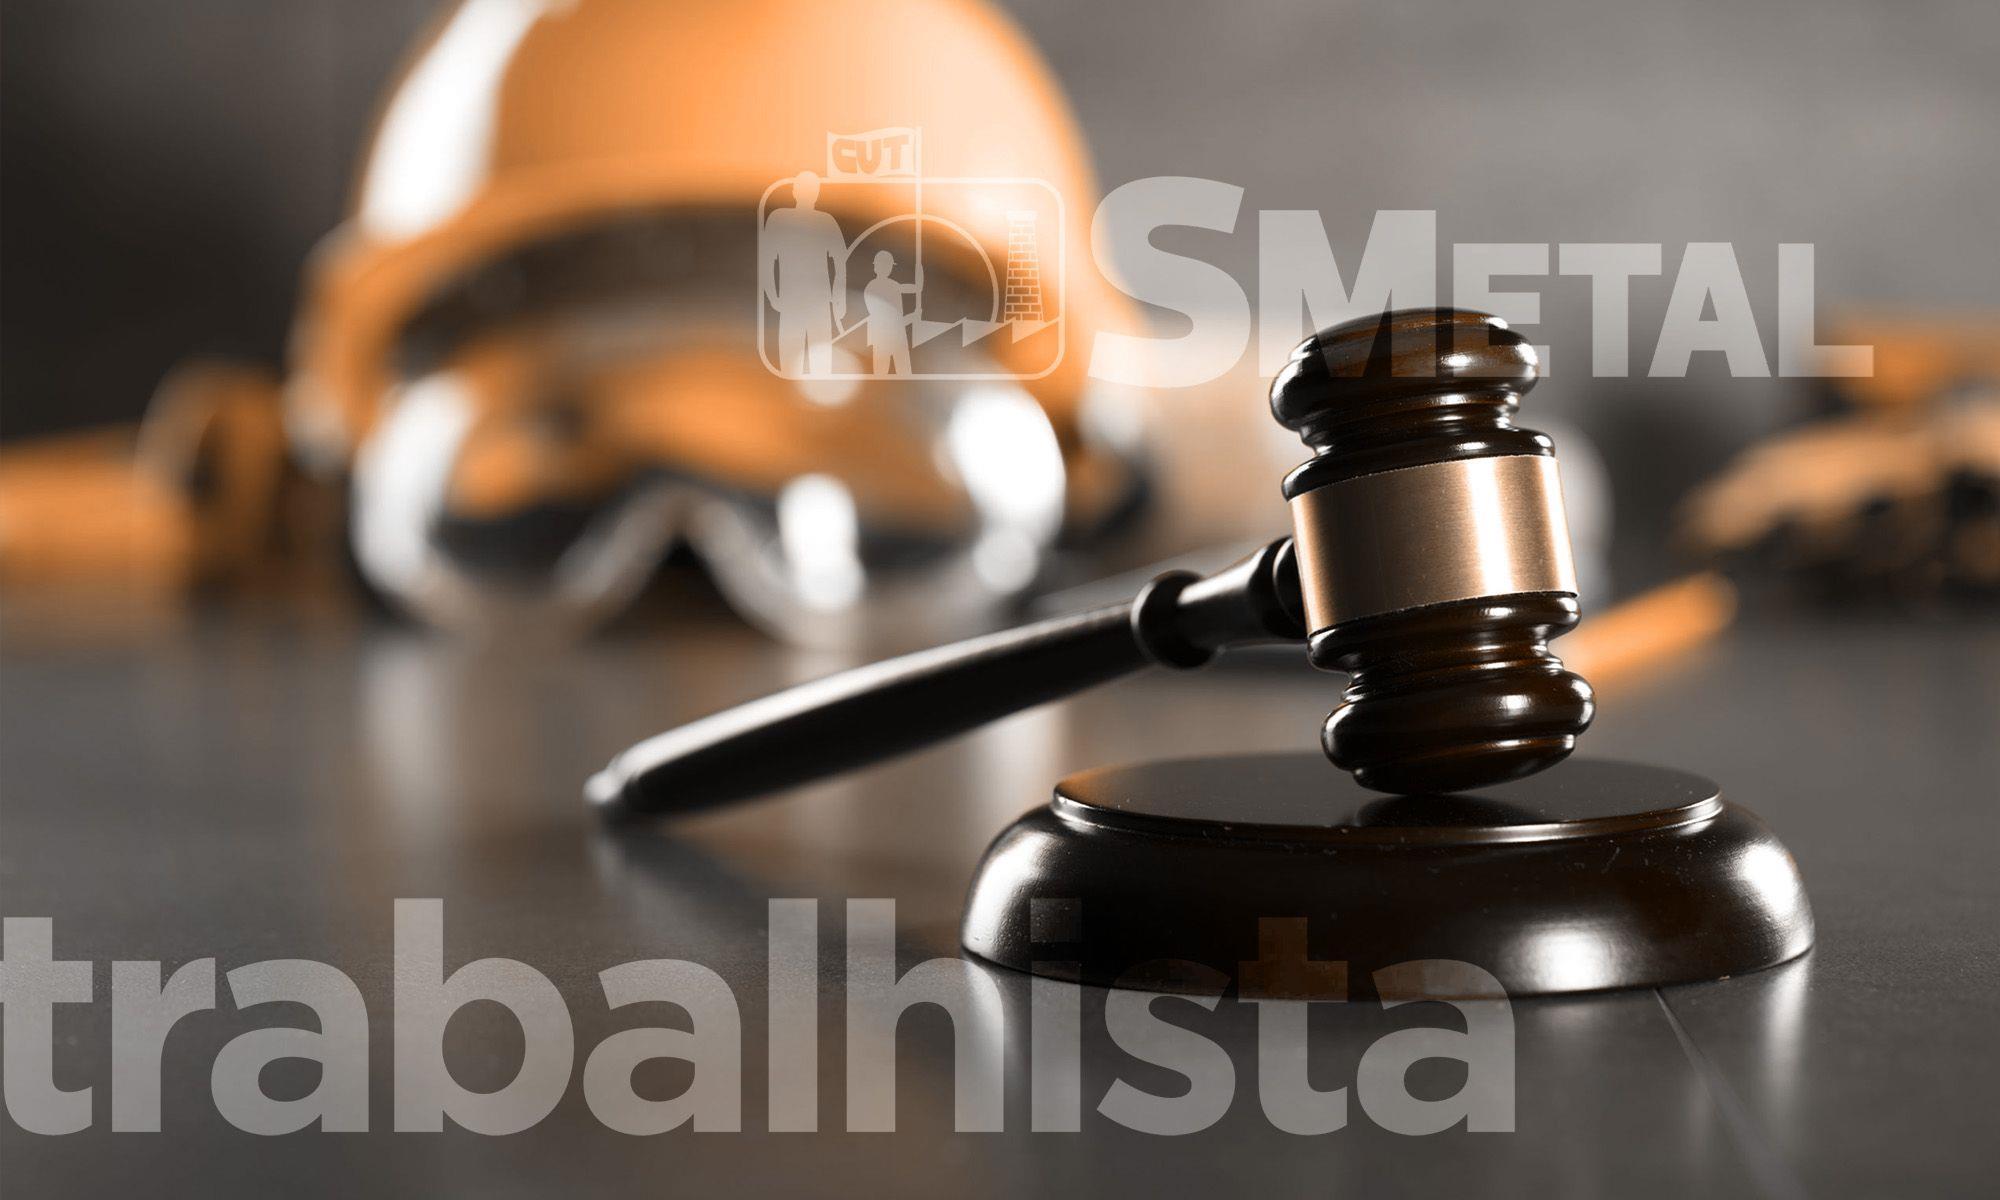 juridico, trabalhista, smetal, sorocaba, plantão,, Divulgação